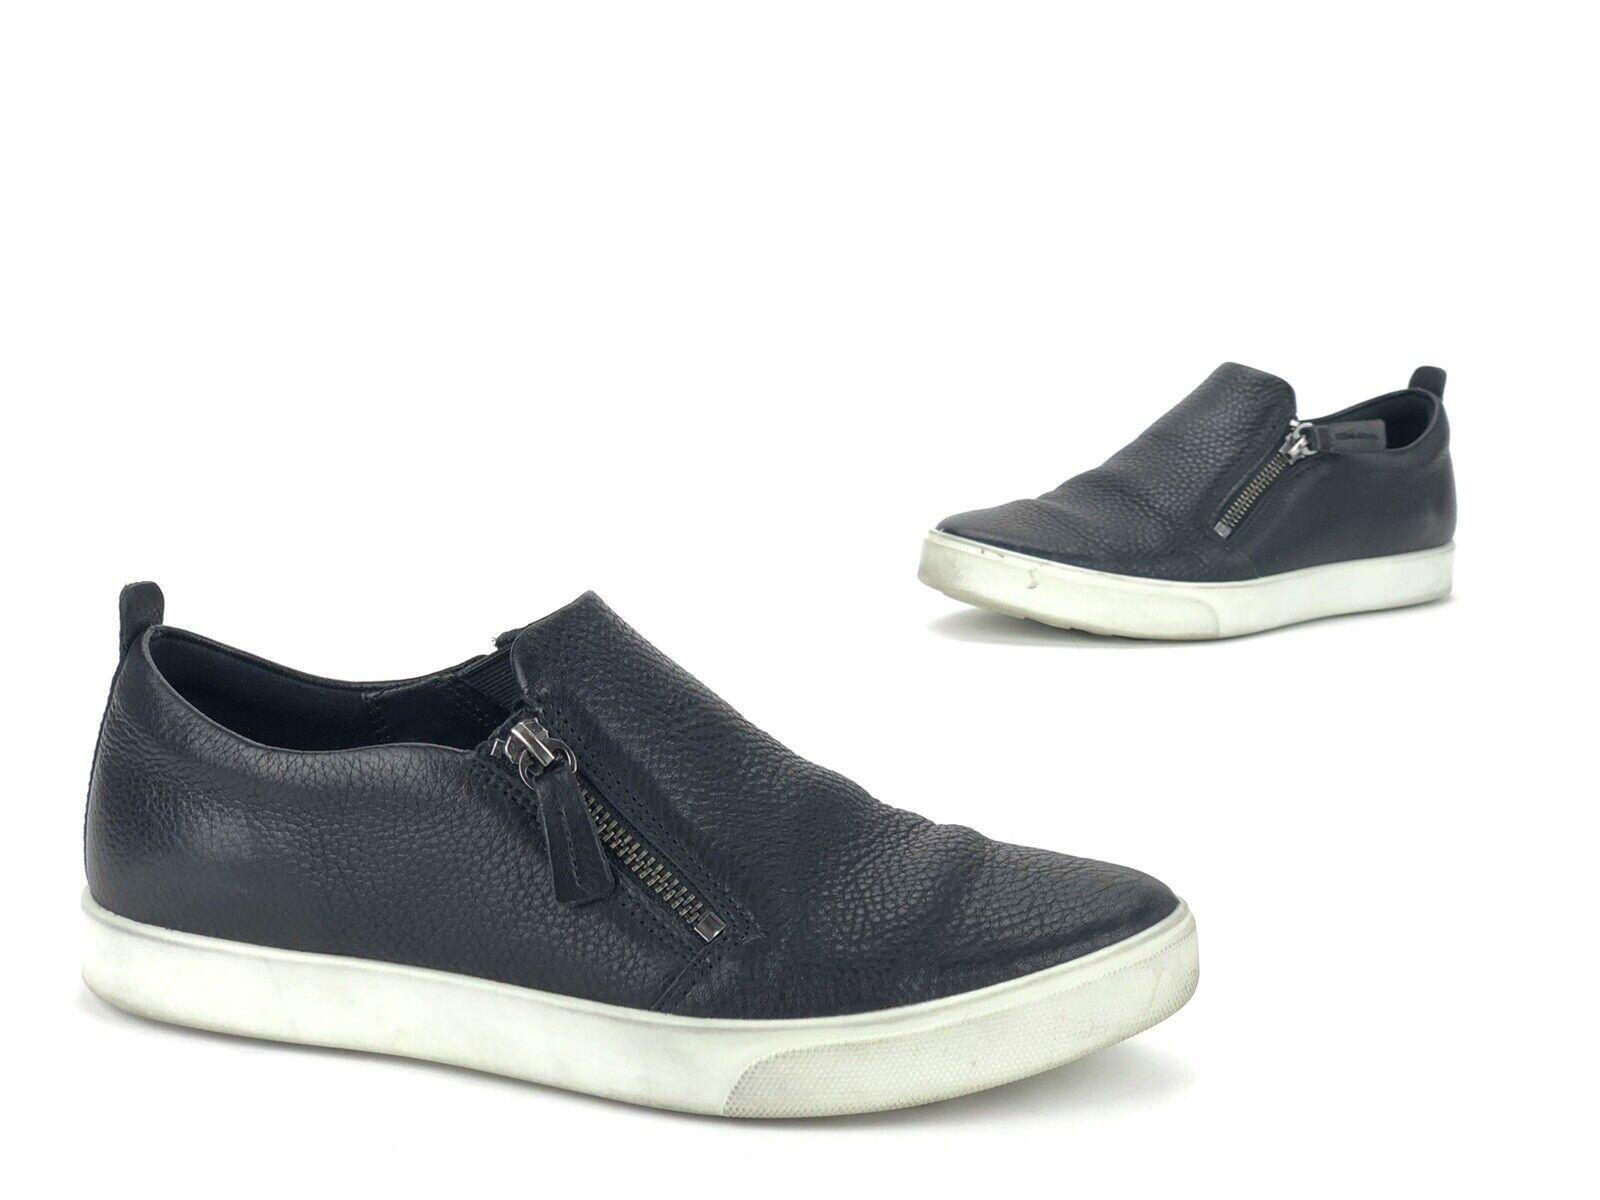 Ecco Gillian Black Leather Side Zip Slip On Sneaker Women's Size EU 39/ US 8